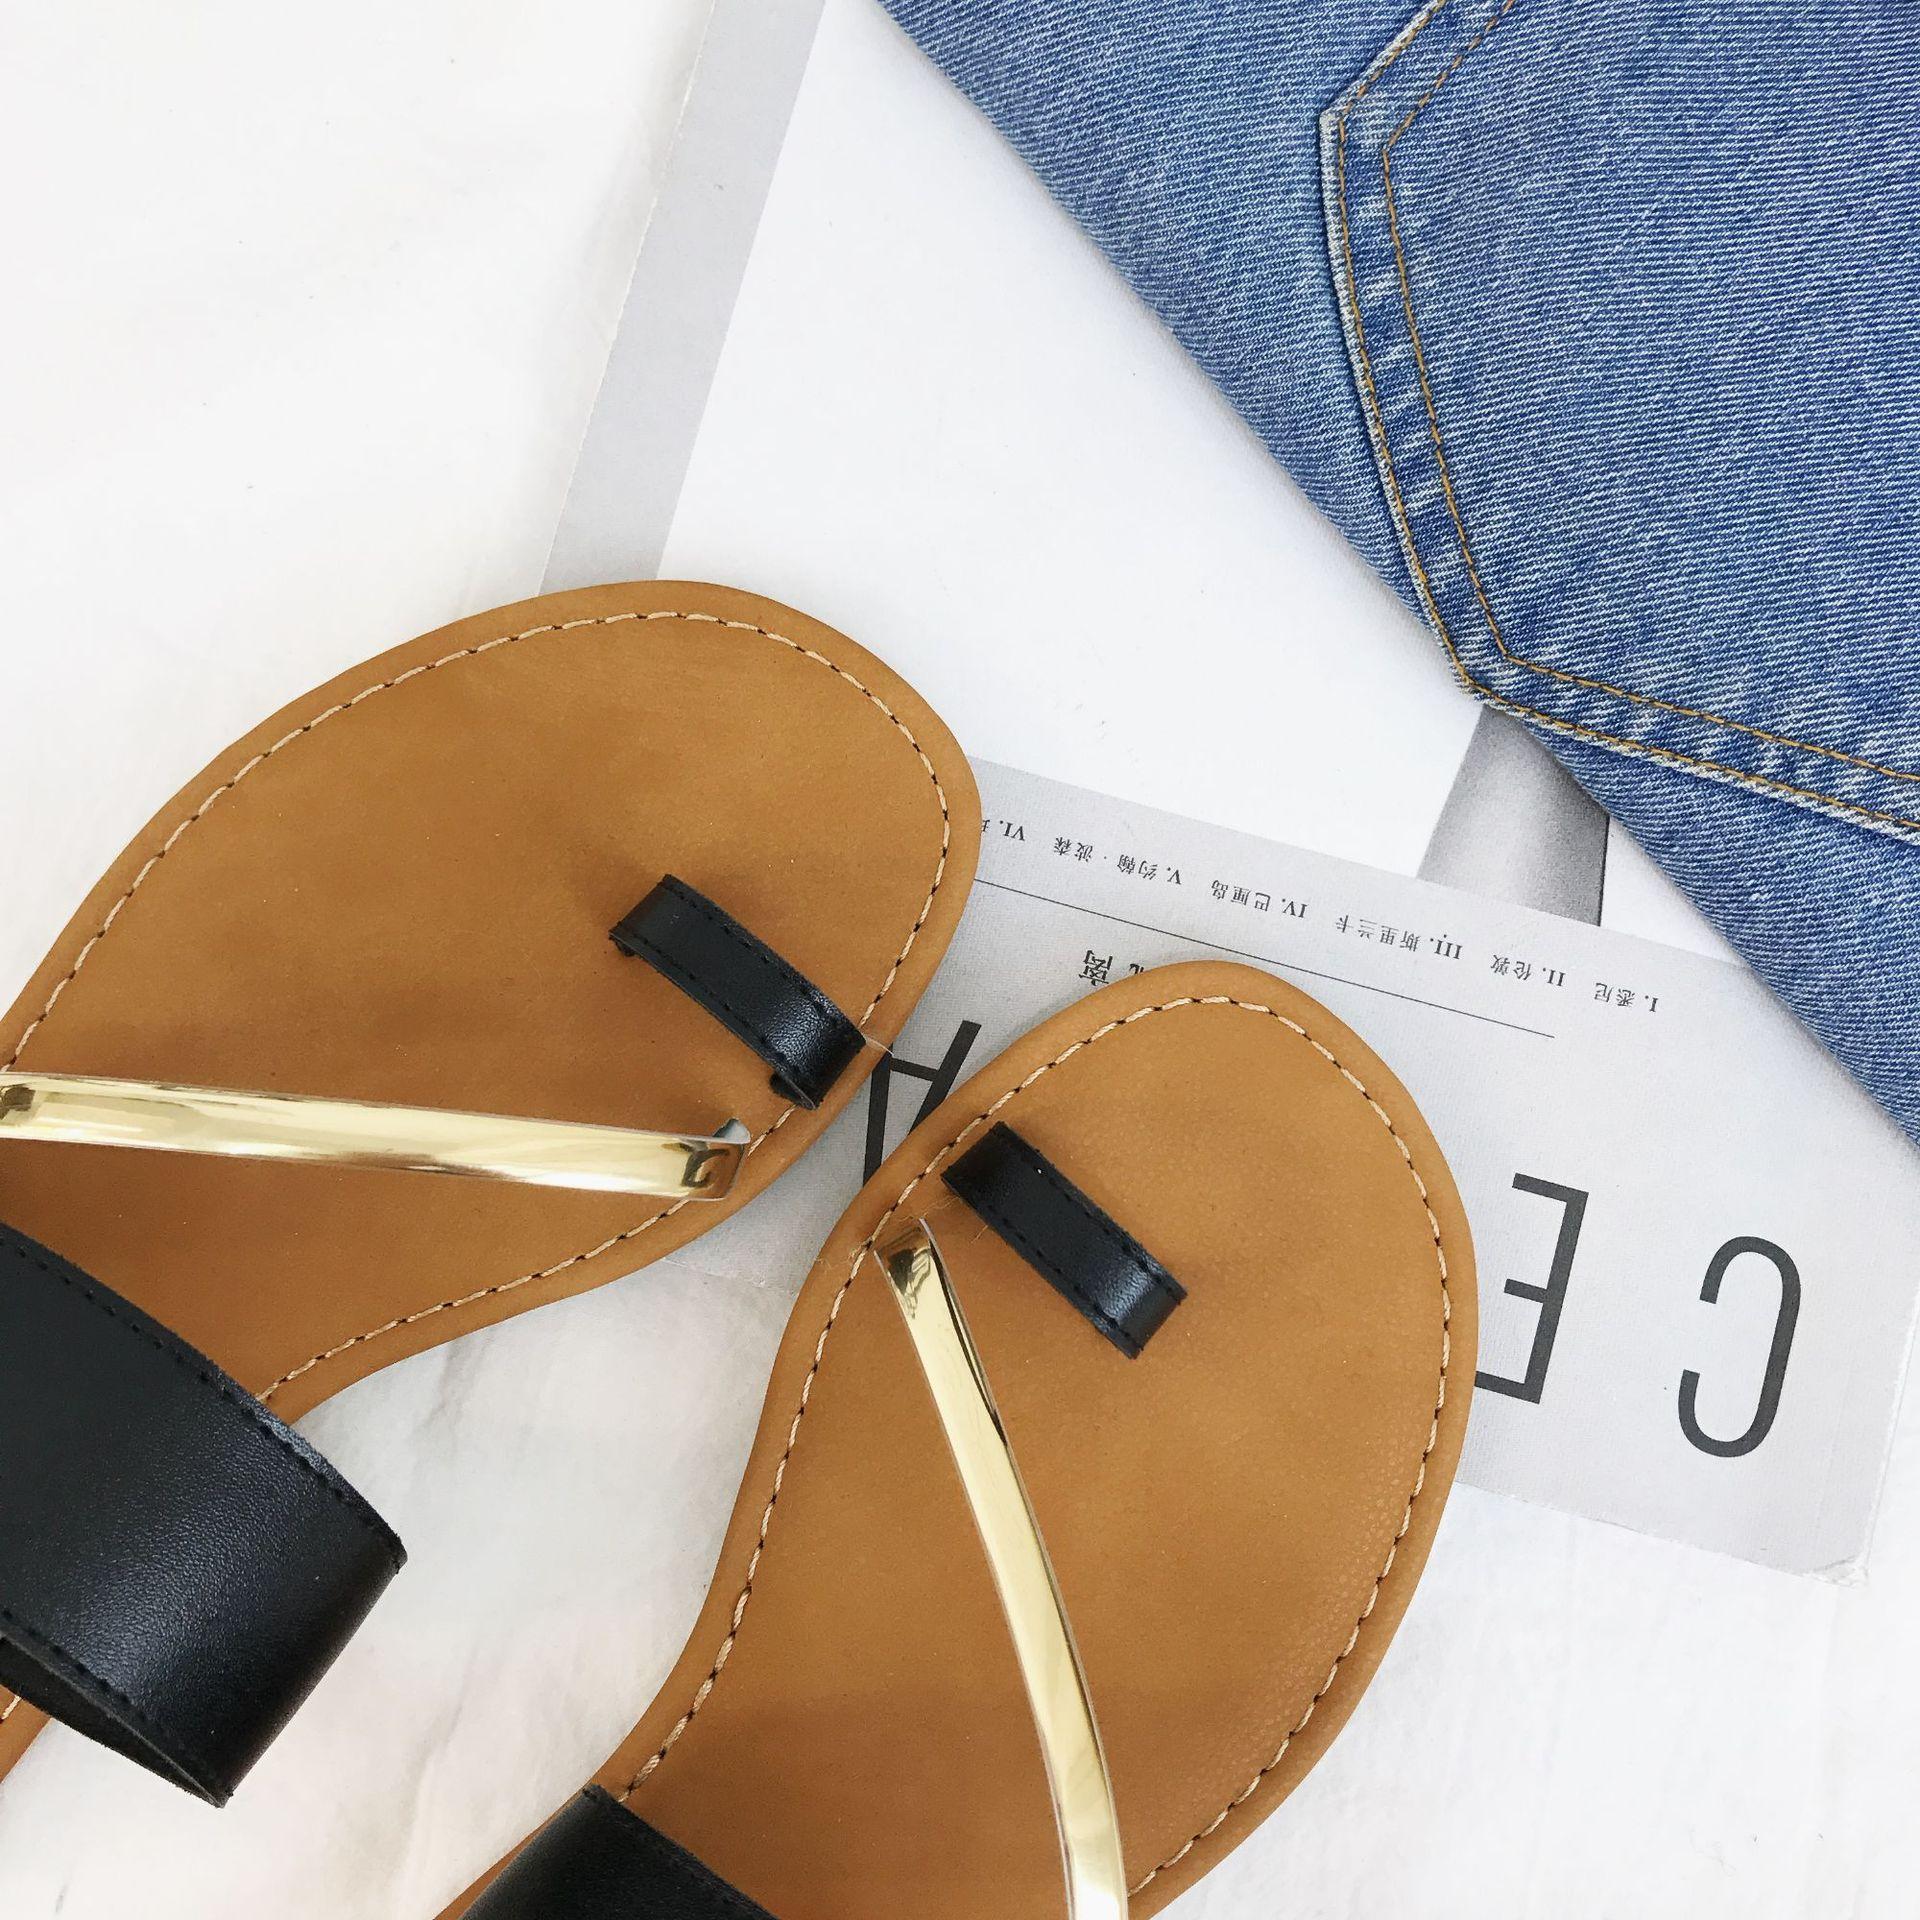 Brown Zapatos Mujer Gold 3025f Dark Zapatillas Cómodo Verano Green Sandalias Black Black C1 Ice Con De Nuevo Blue c4 Planas Y c2 c3 Playa Moda Desgaste wZx4X7Zf